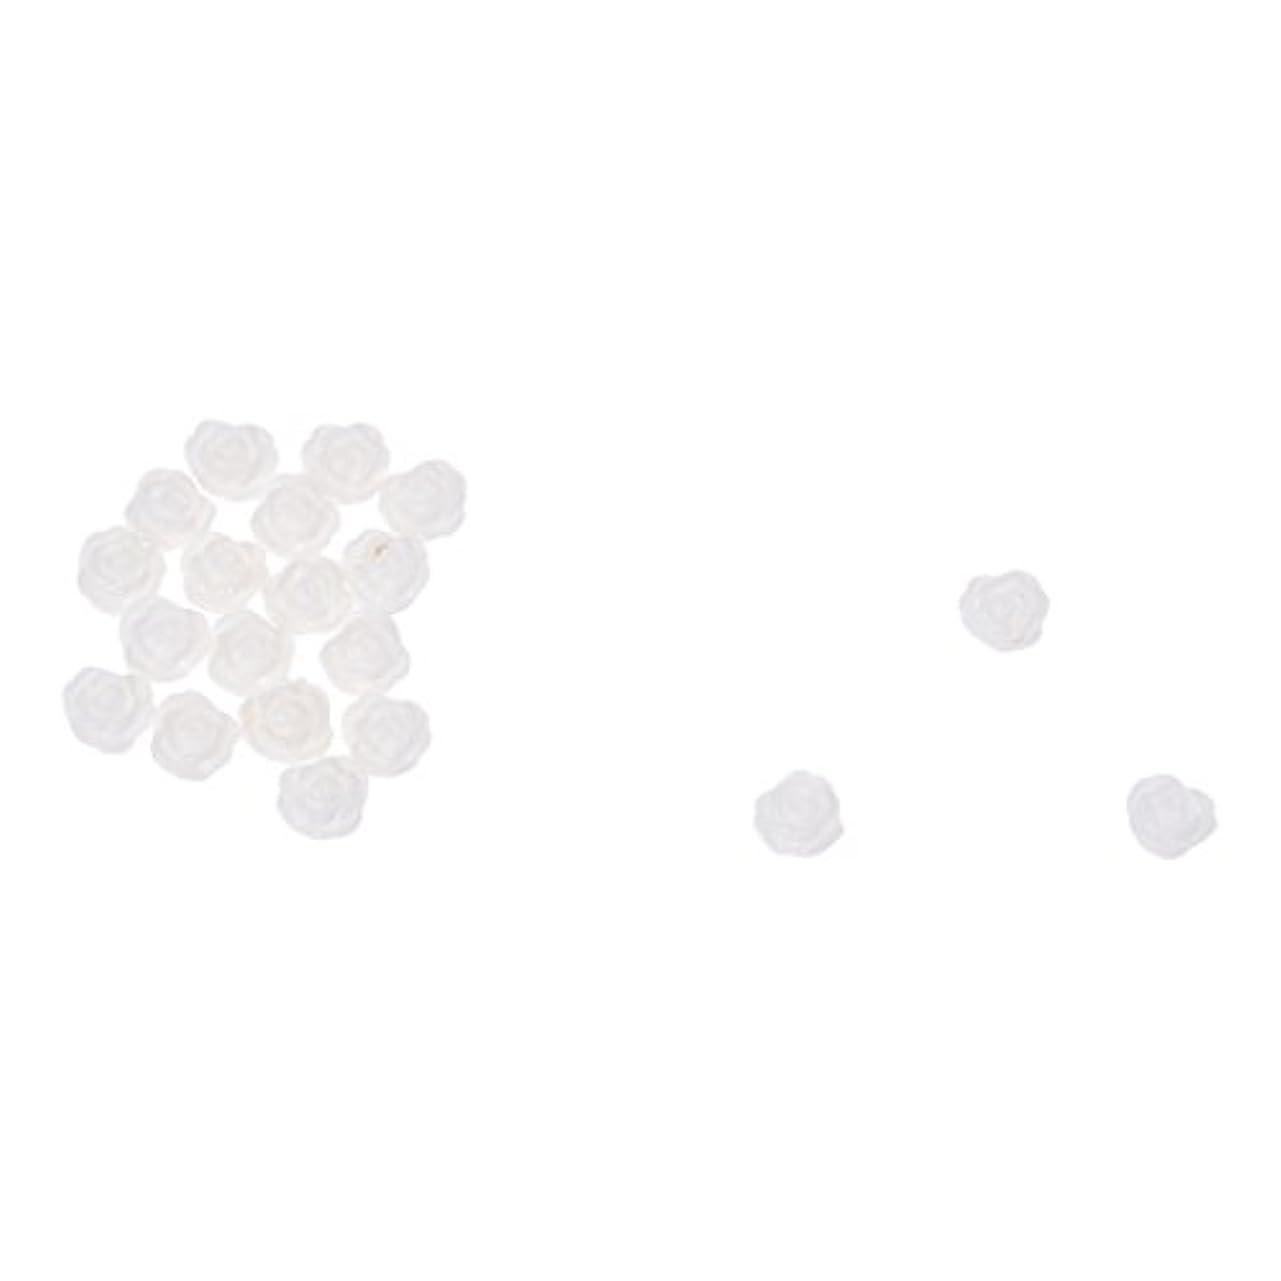 出撃者把握横たわるACAMPTAR ACAMPTAR(R)20×アクリル 3D 白い花 スライスネイルアートヒント UVジェル DIYデコレーション